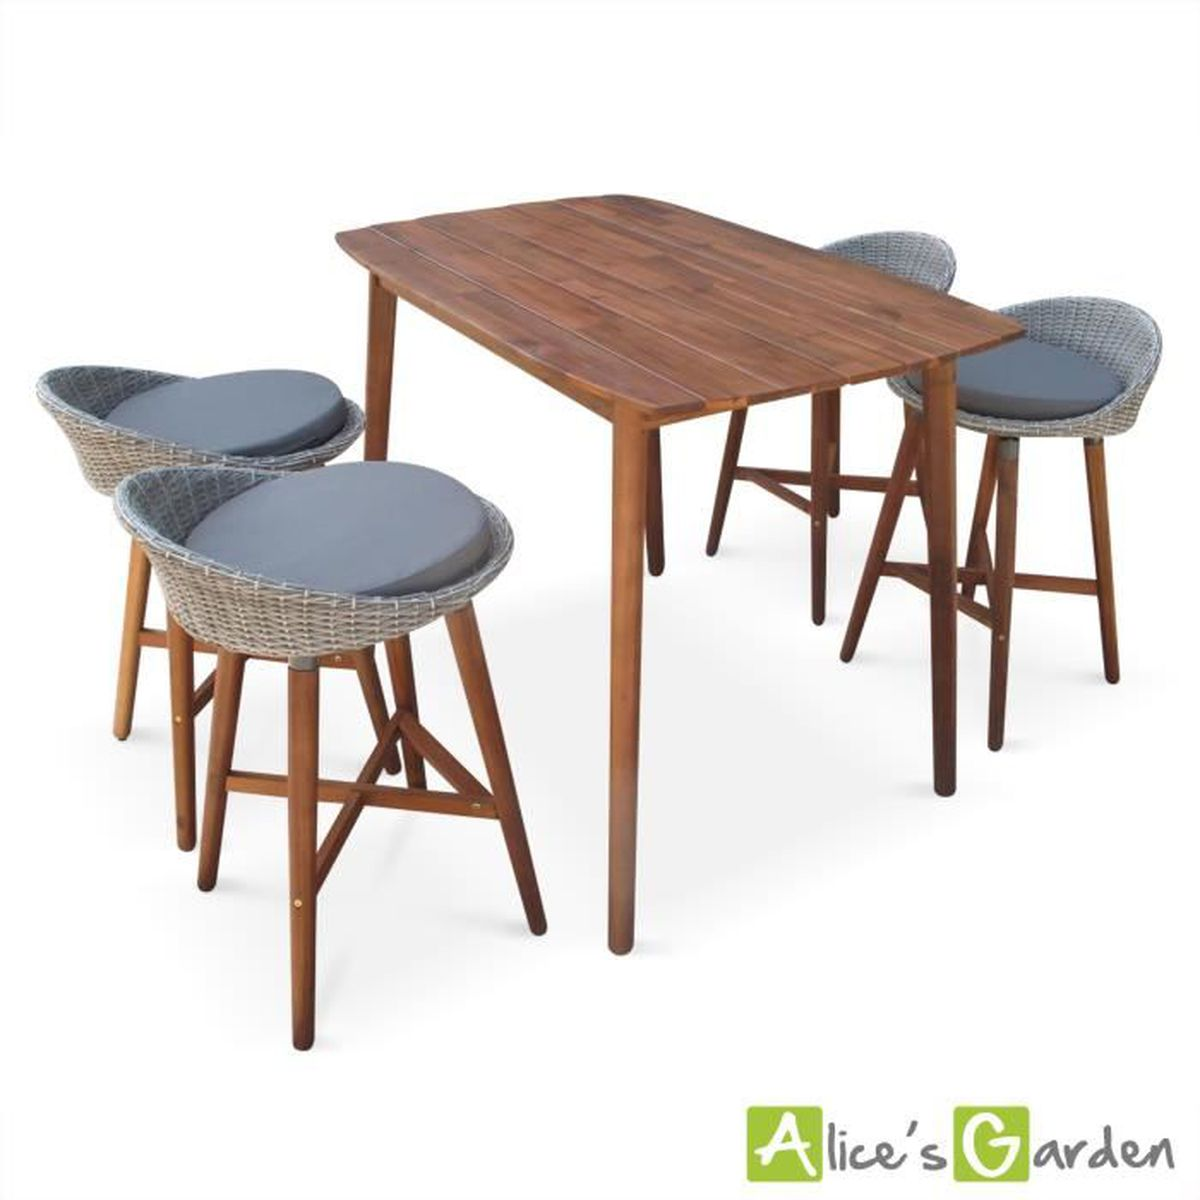 ensemble bar mallorca en bois fsc et resine tressee arrondie 4 tabourets et 1 table haute. Black Bedroom Furniture Sets. Home Design Ideas